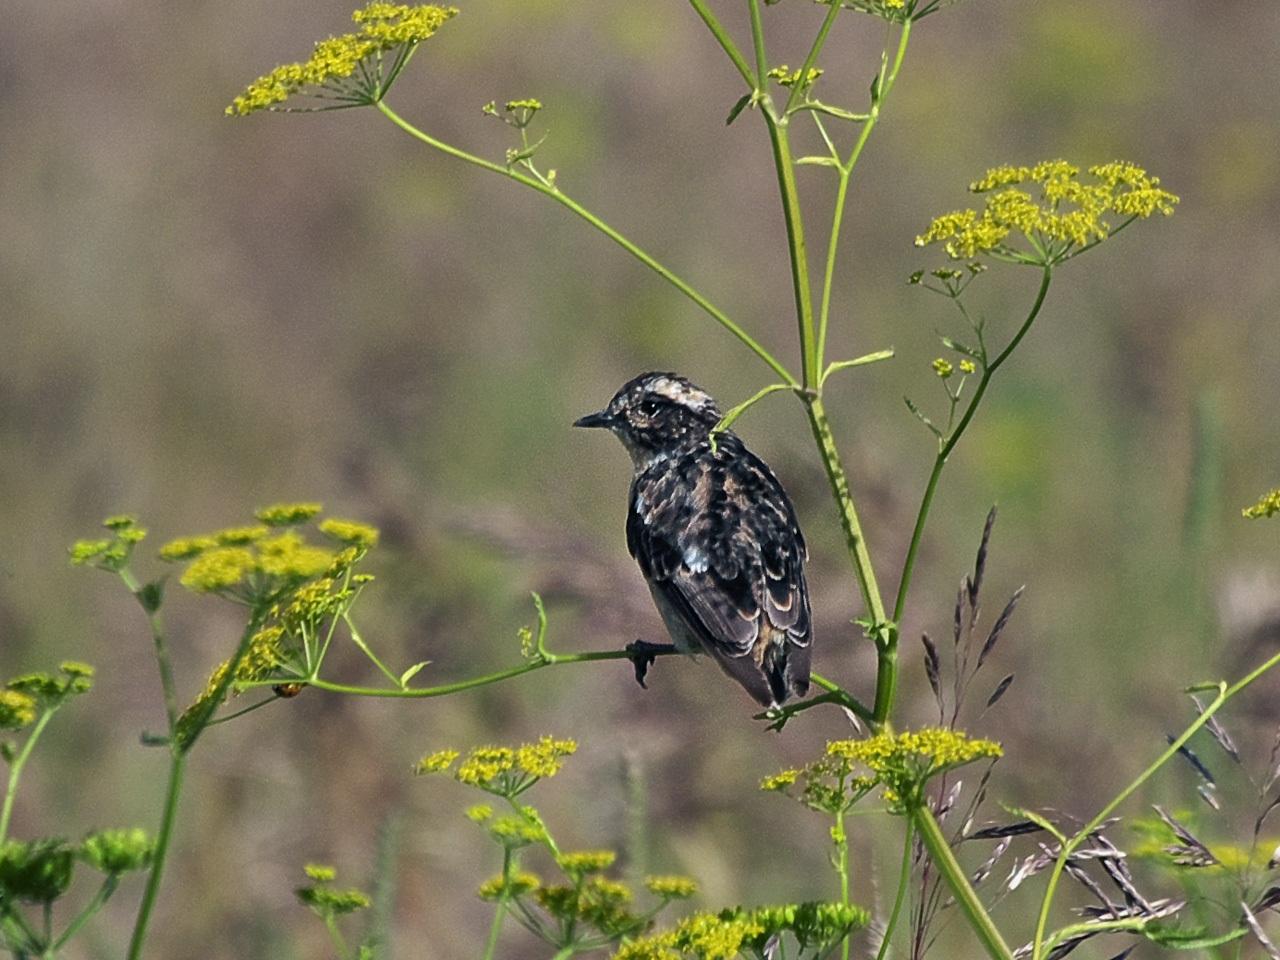 Луговой чекан (Saxicola rubetra). Автор фото: Юрий Семенов